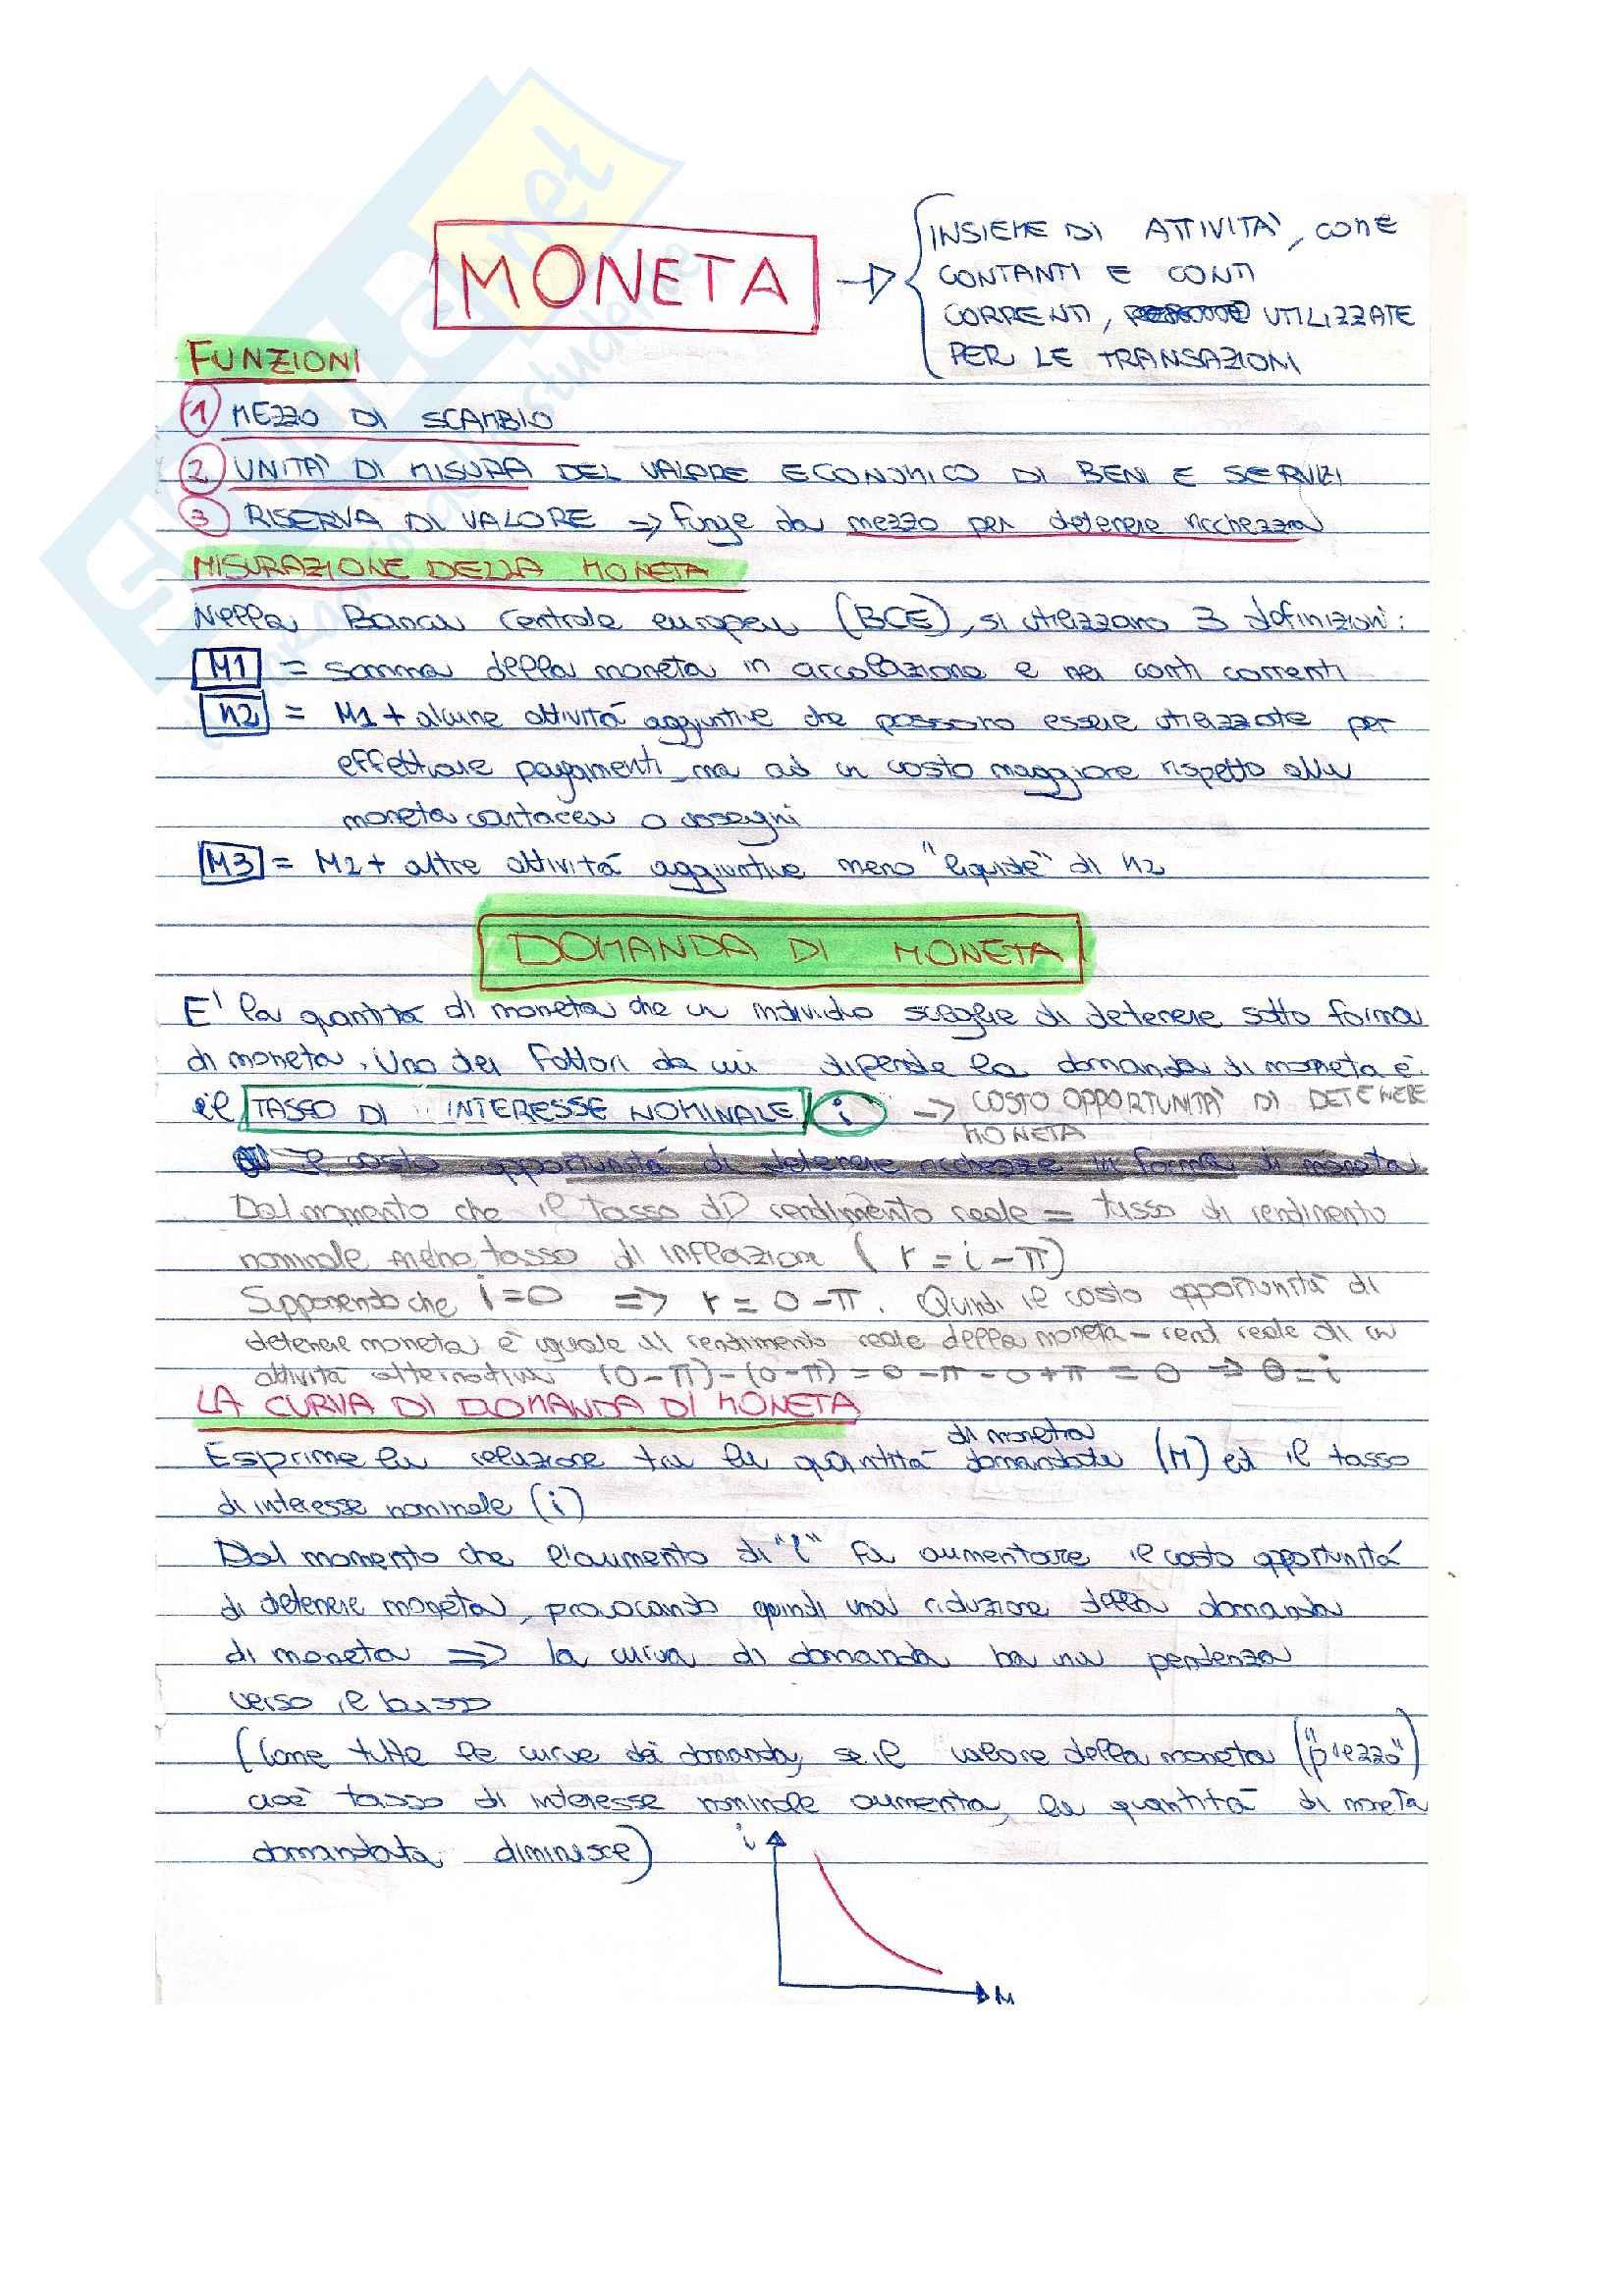 Appunti di economia su Moneta, domanda di moneta, offerta di moneta, equilibrio del mercato della moneta, creazione della moneta, base monetaria, moltiplicatore monetario, banca centrale europea